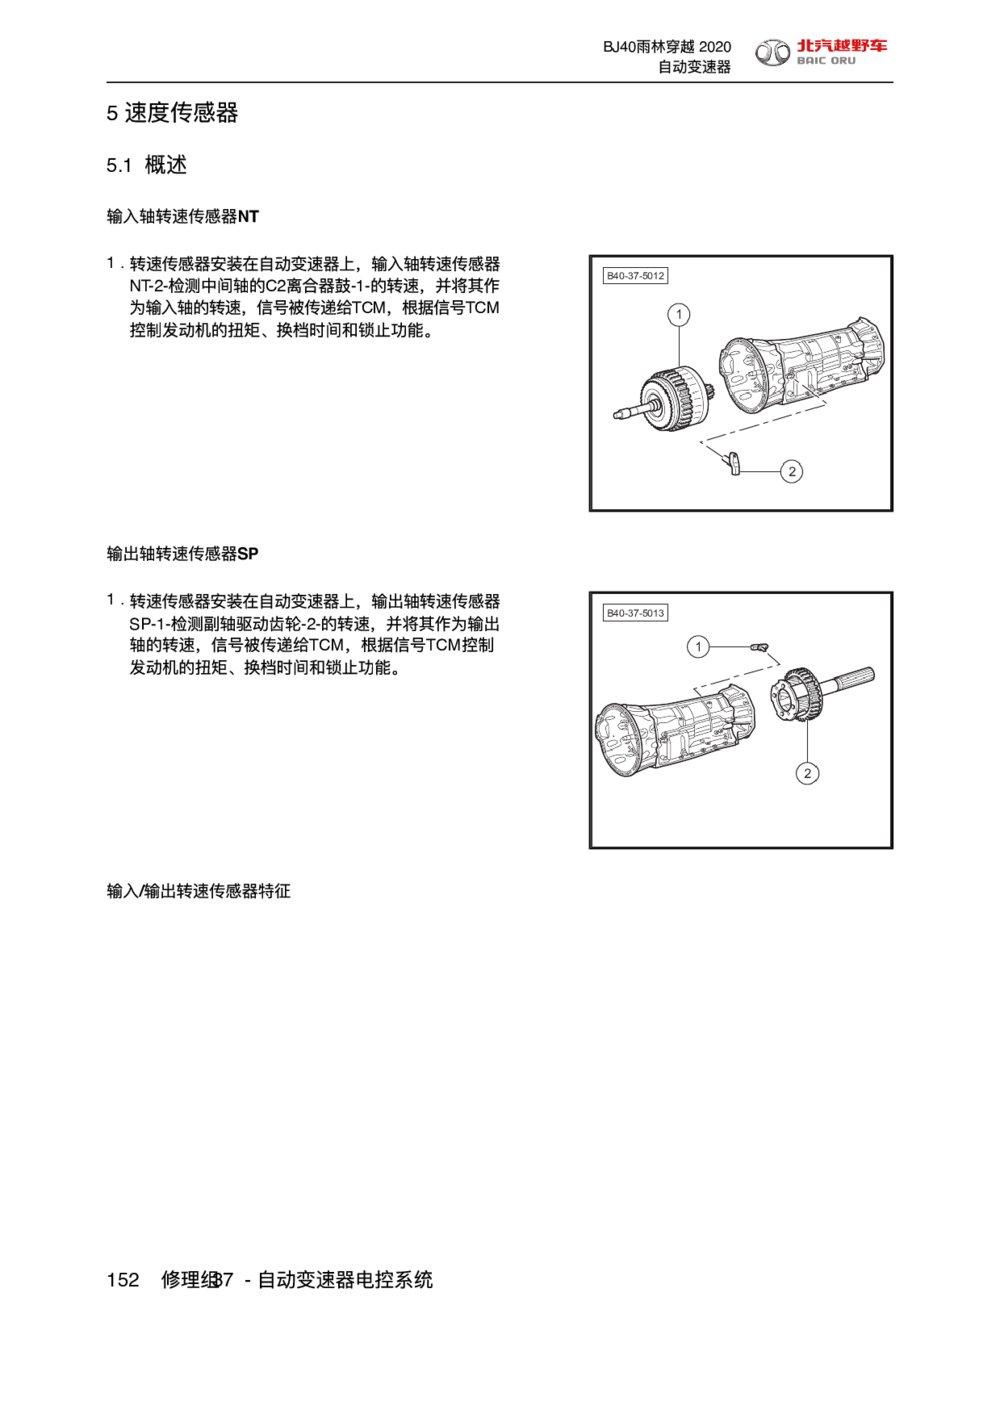 2020款北京BJ40速度传感器(雨林穿越版)1